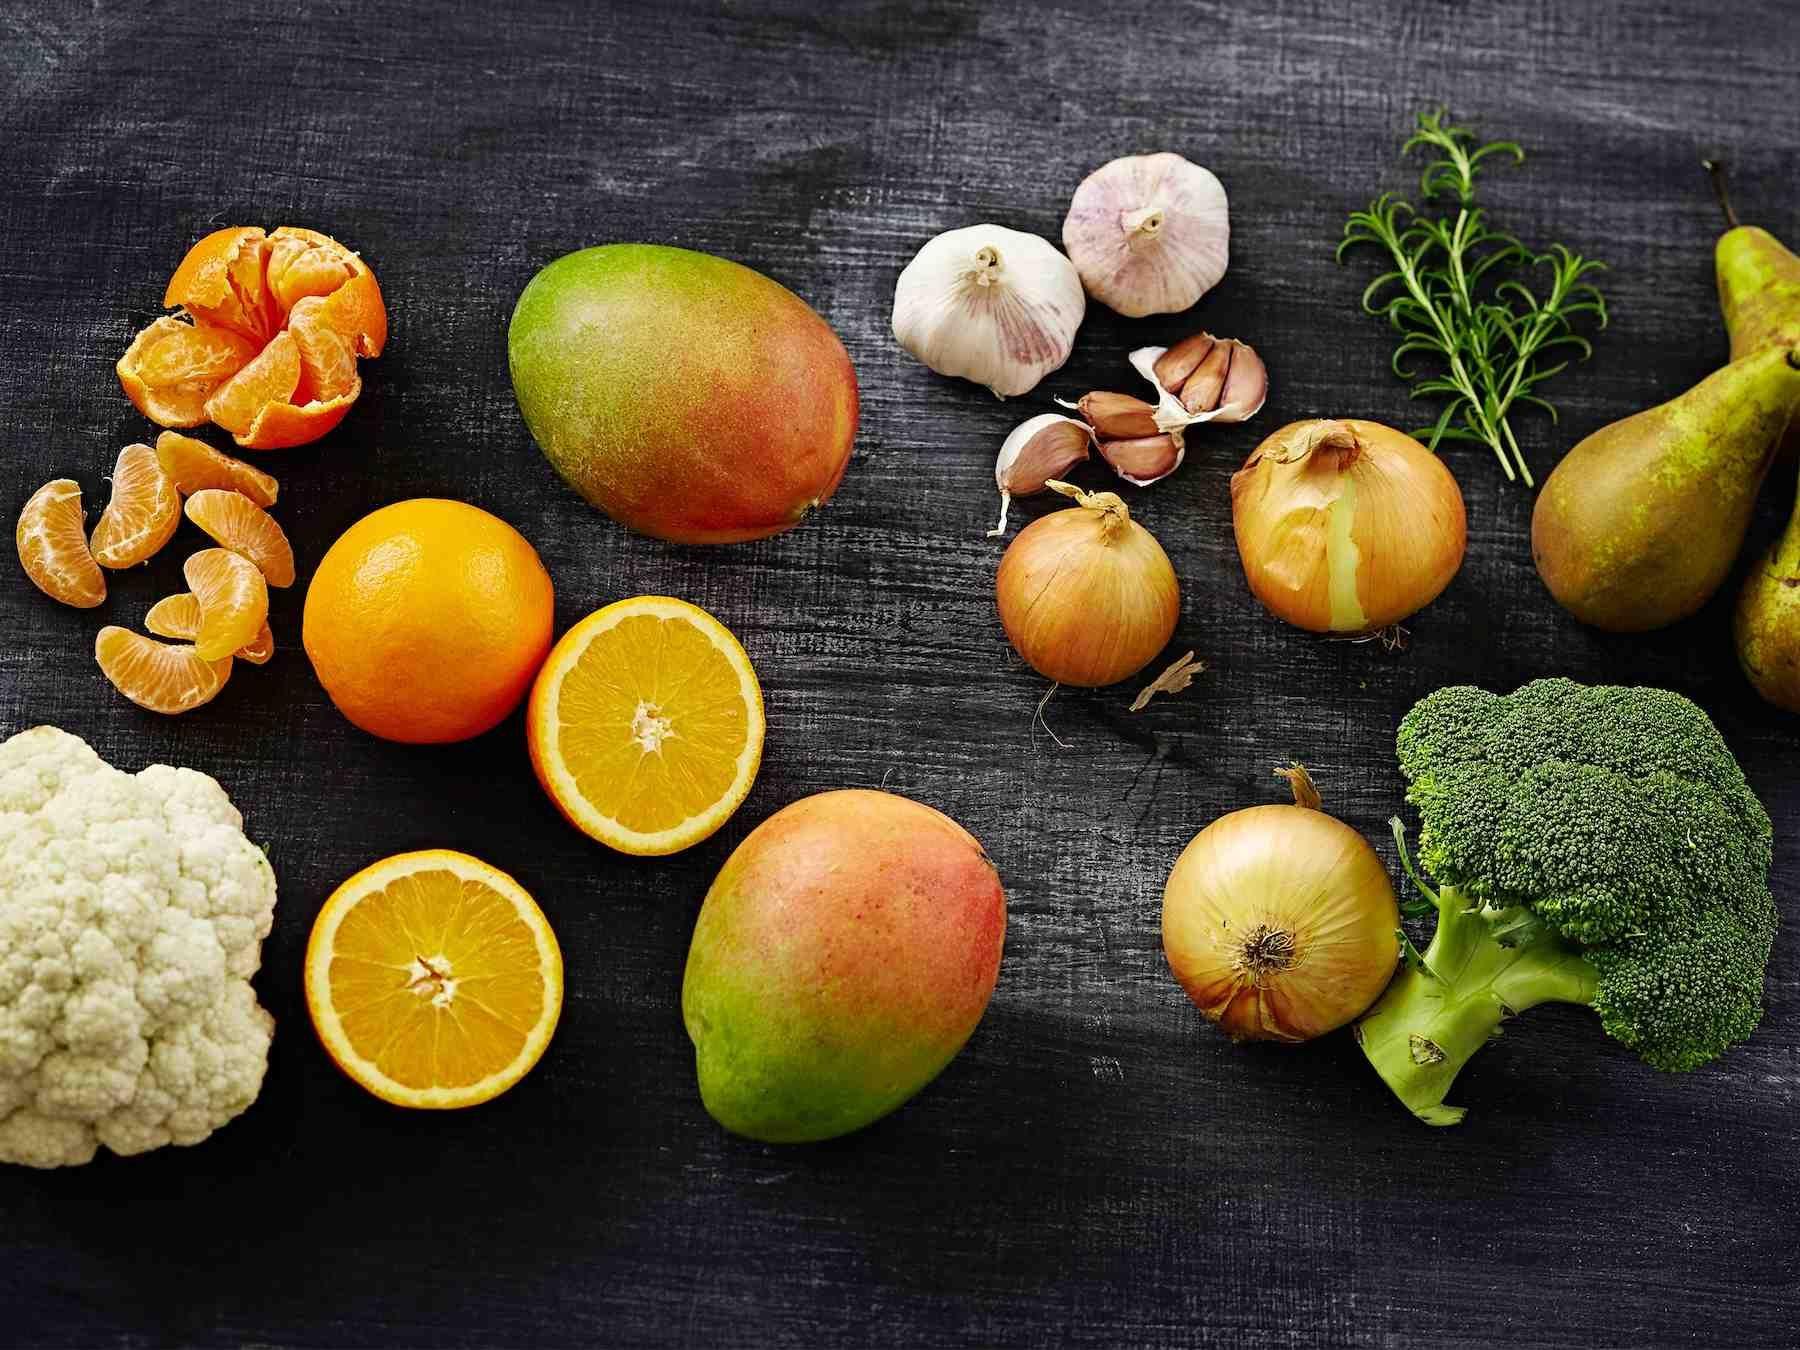 Tietoa kauden kasviksista — maaliskuun maut ja reseptit